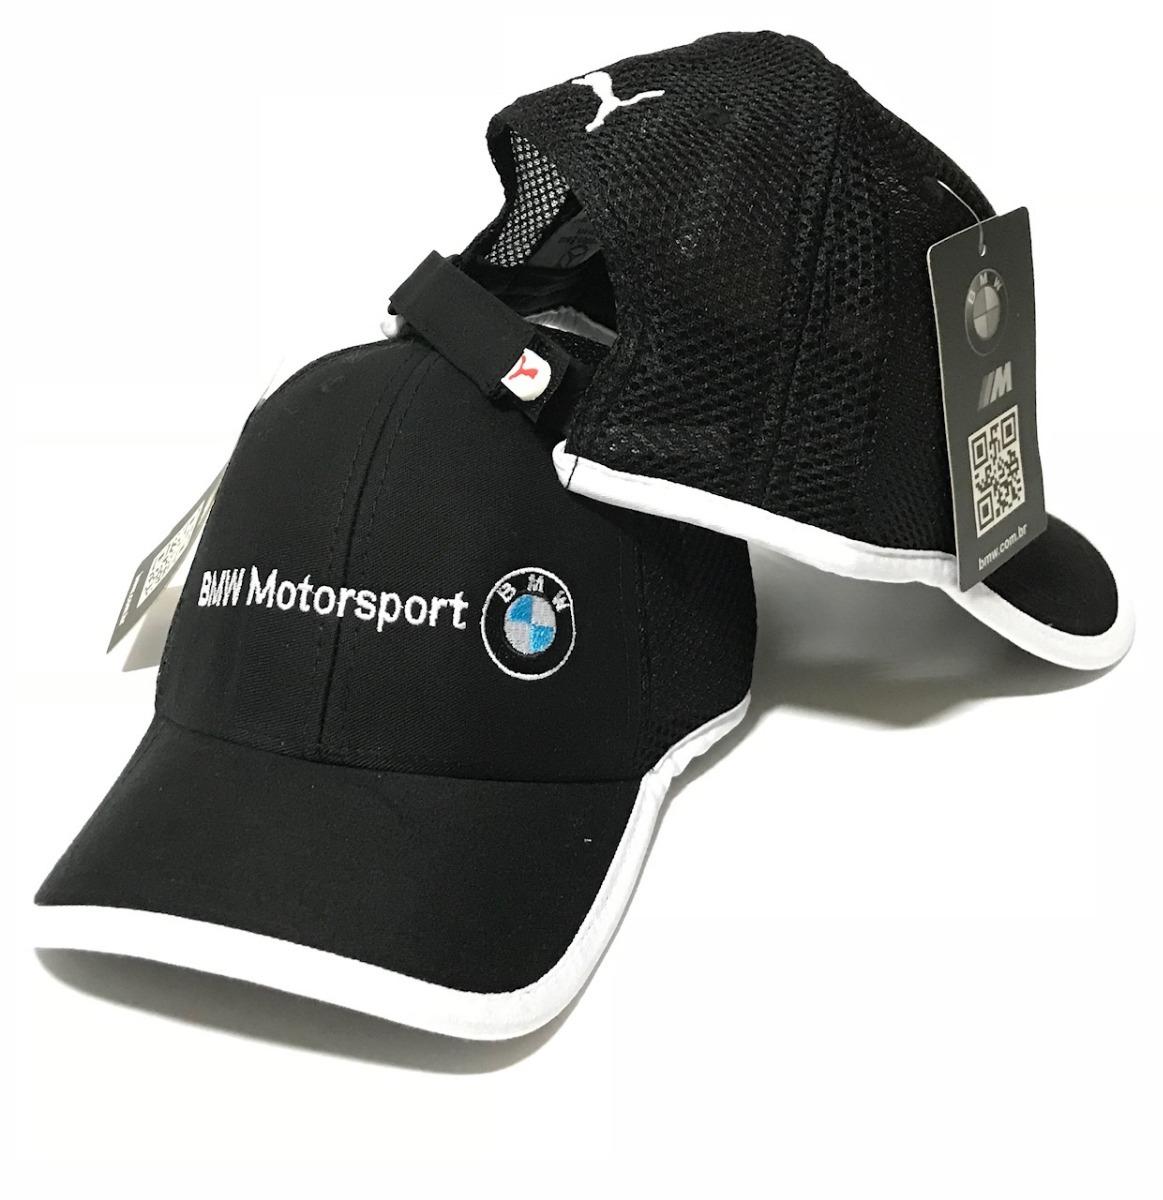 00588b2731f91 boné bmw motorsport puma aba curva golf barato top vermelho. Carregando  zoom.